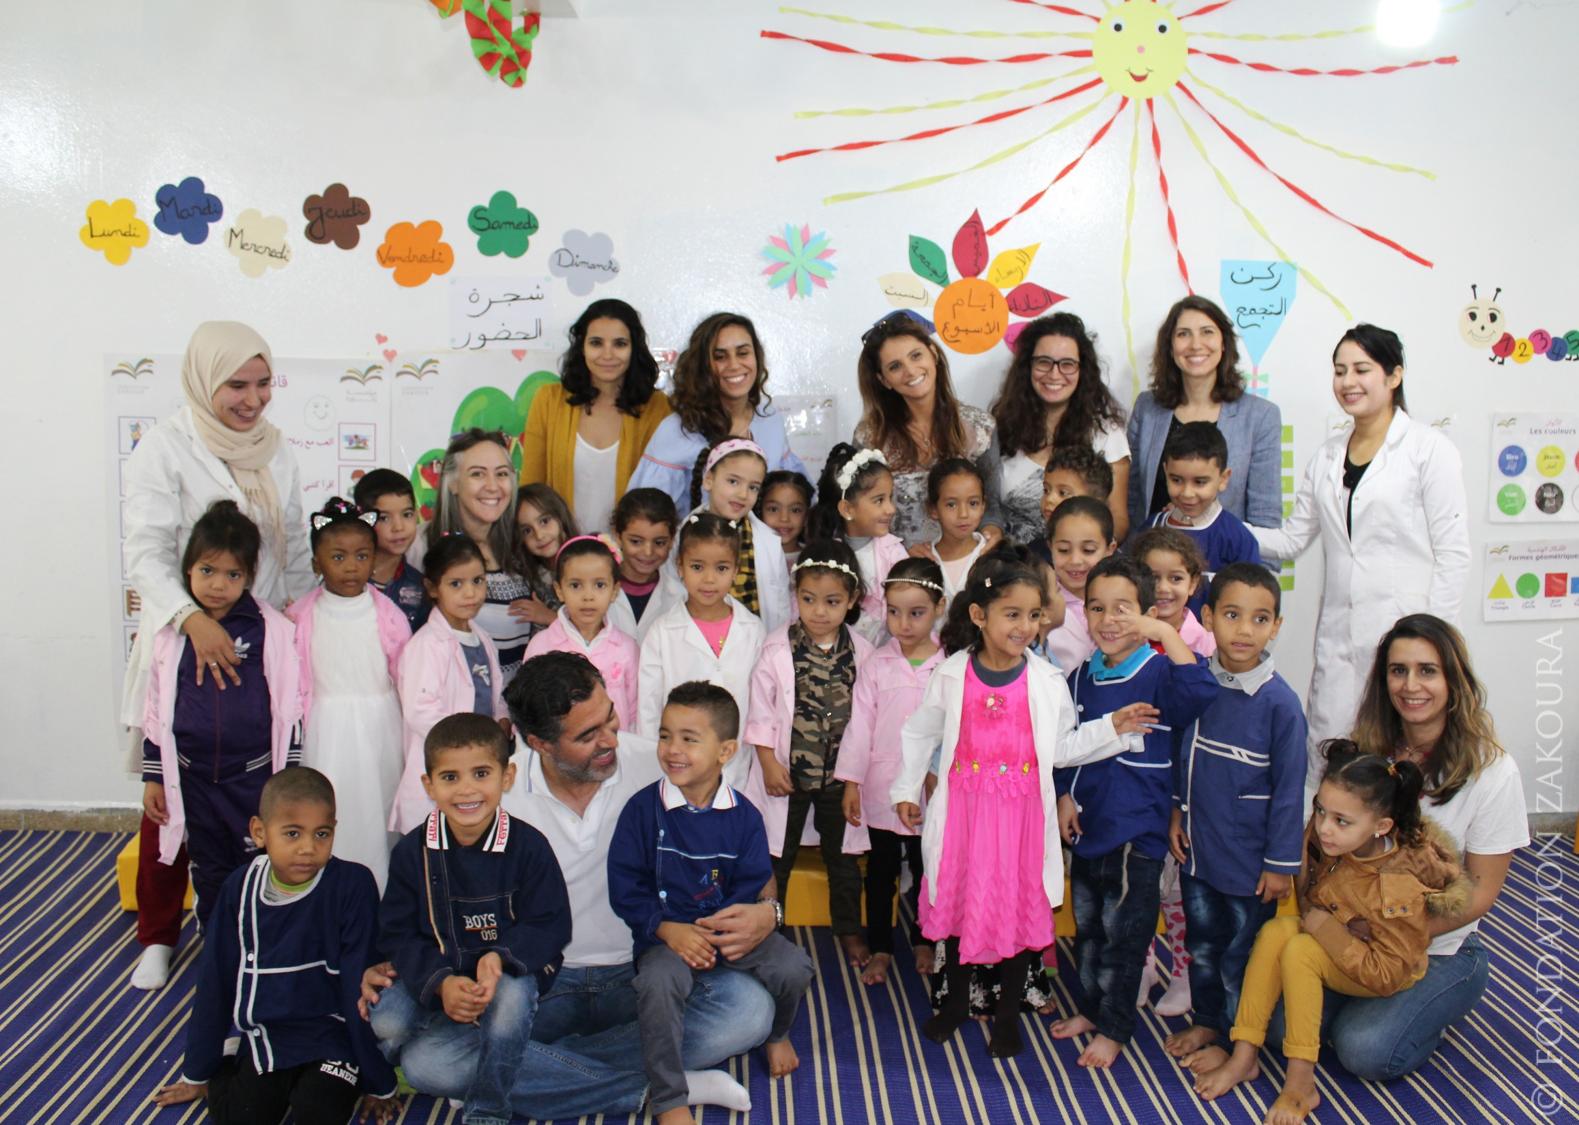 Inauguration de la 1e école de préscolaire financée par les #PreschoolHeroes75 !